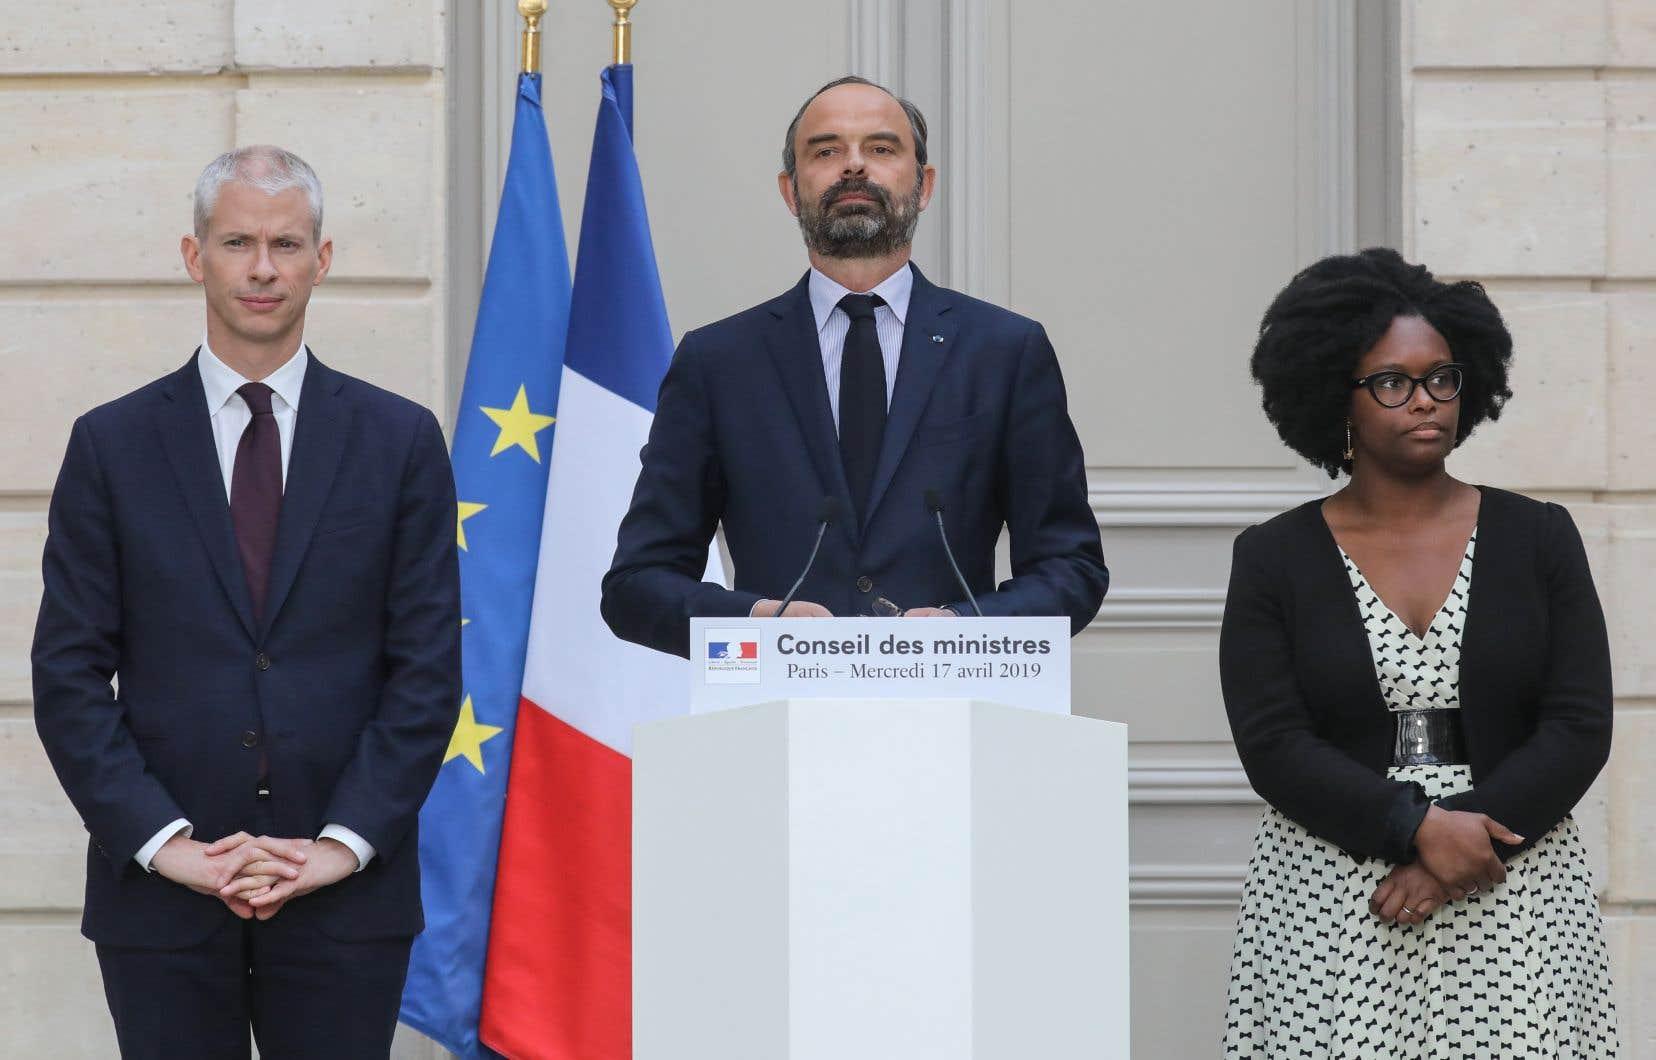 Édouard Philippe a égalementnotamment annoncé le lancement d'un «concours international d'architecture sur la reconstruction de la flèche» de Notre-Dame.